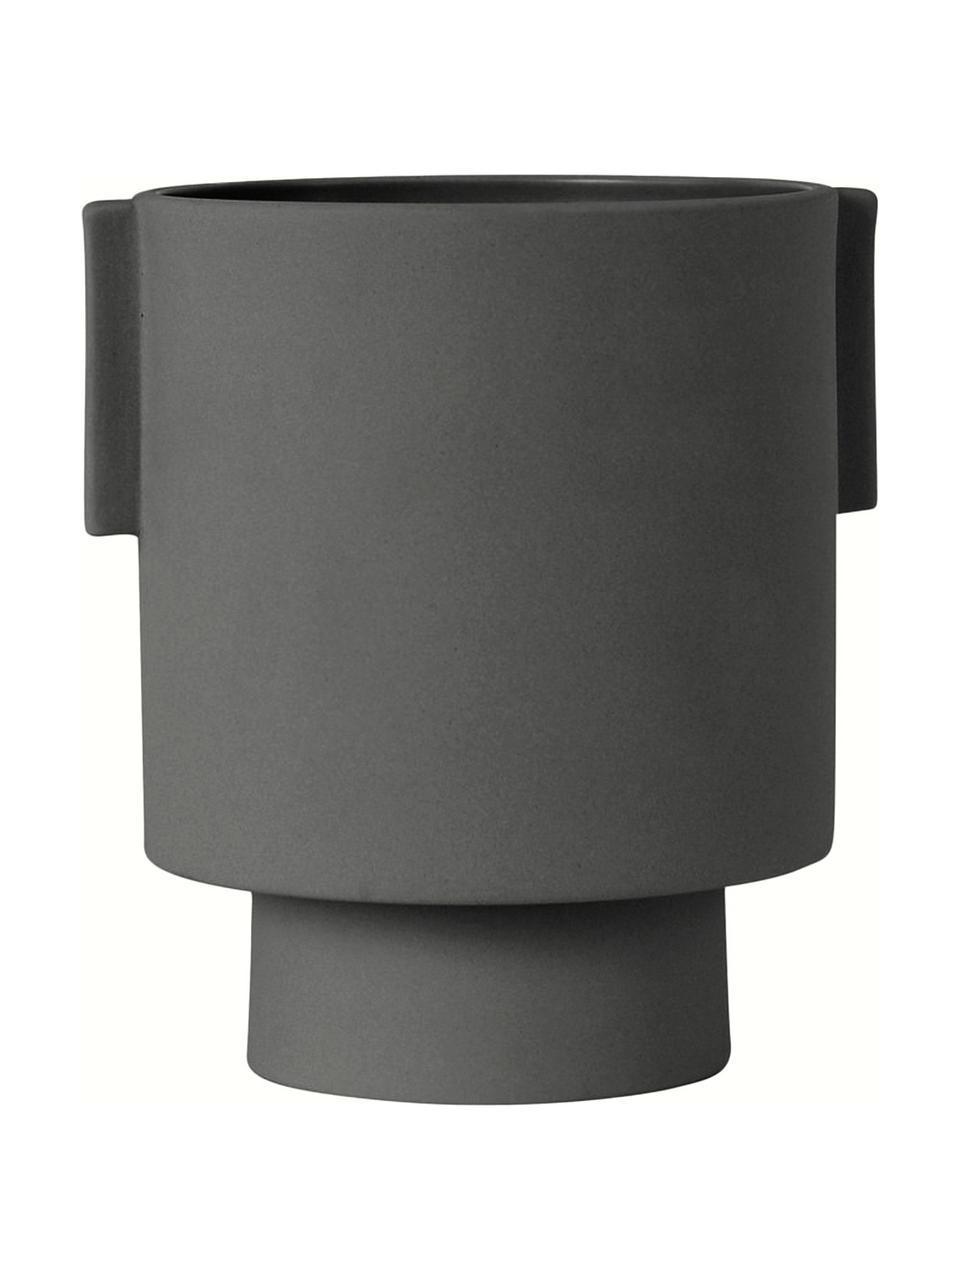 Ręcznie wykonana osłonka na doniczkę z ceramiki Ika Kana, Ceramika, Ciemny szary, Ø 15 x W 16 cm